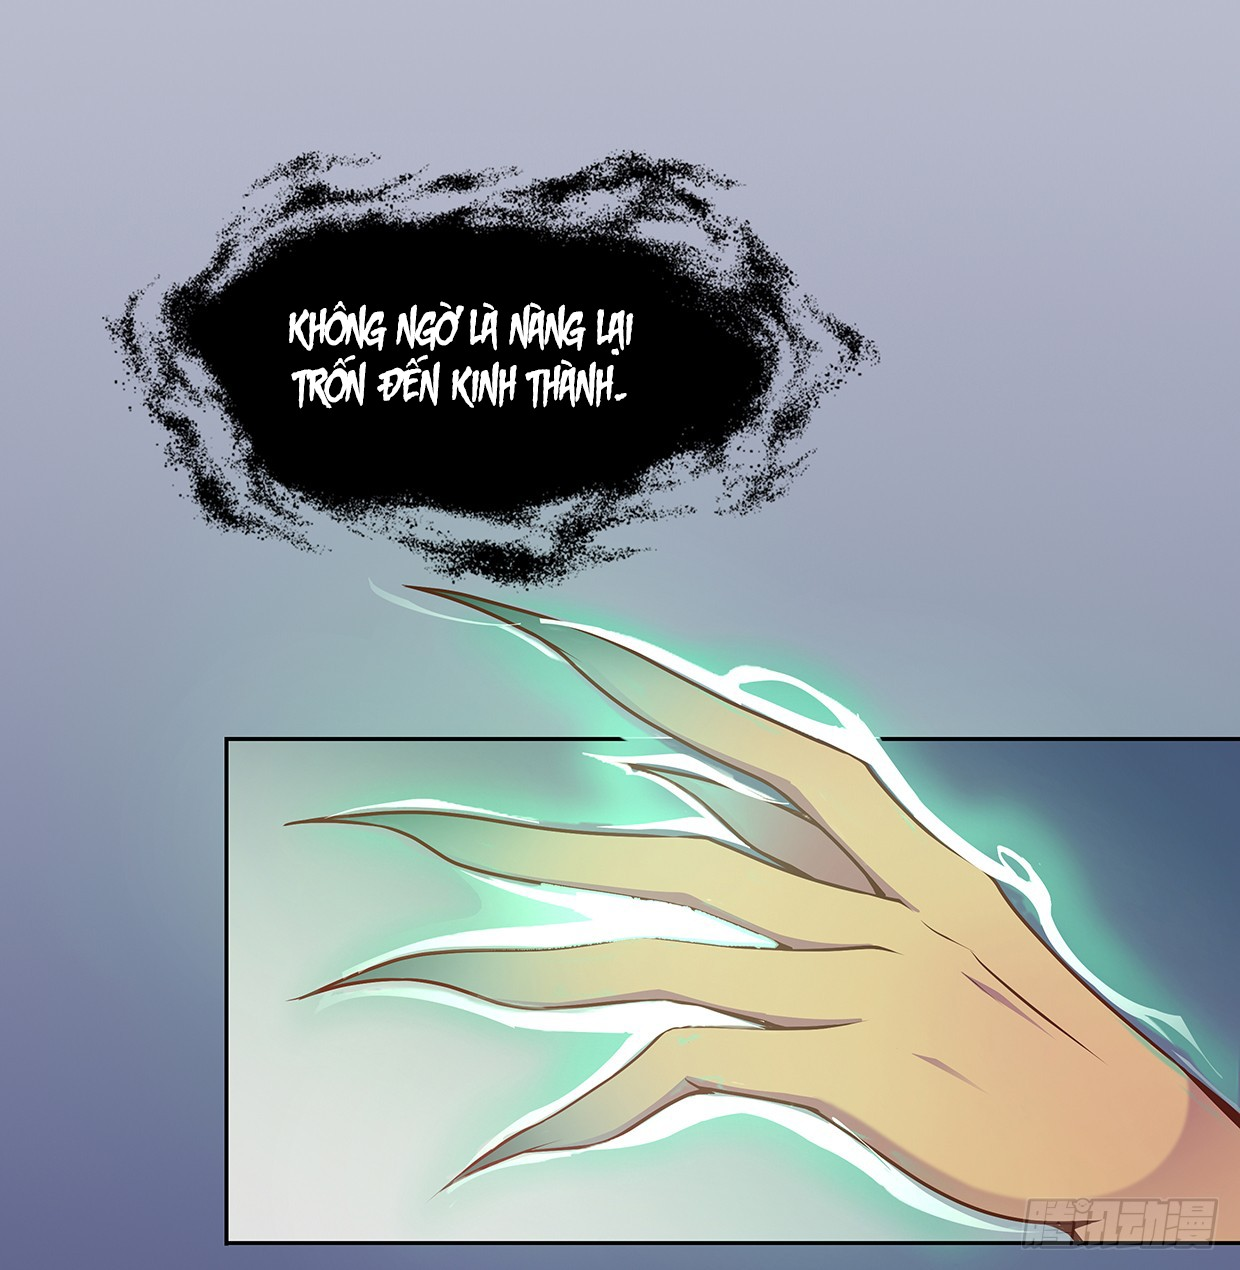 Vương phi thật uy vũ chap 20.1 - Trang 18